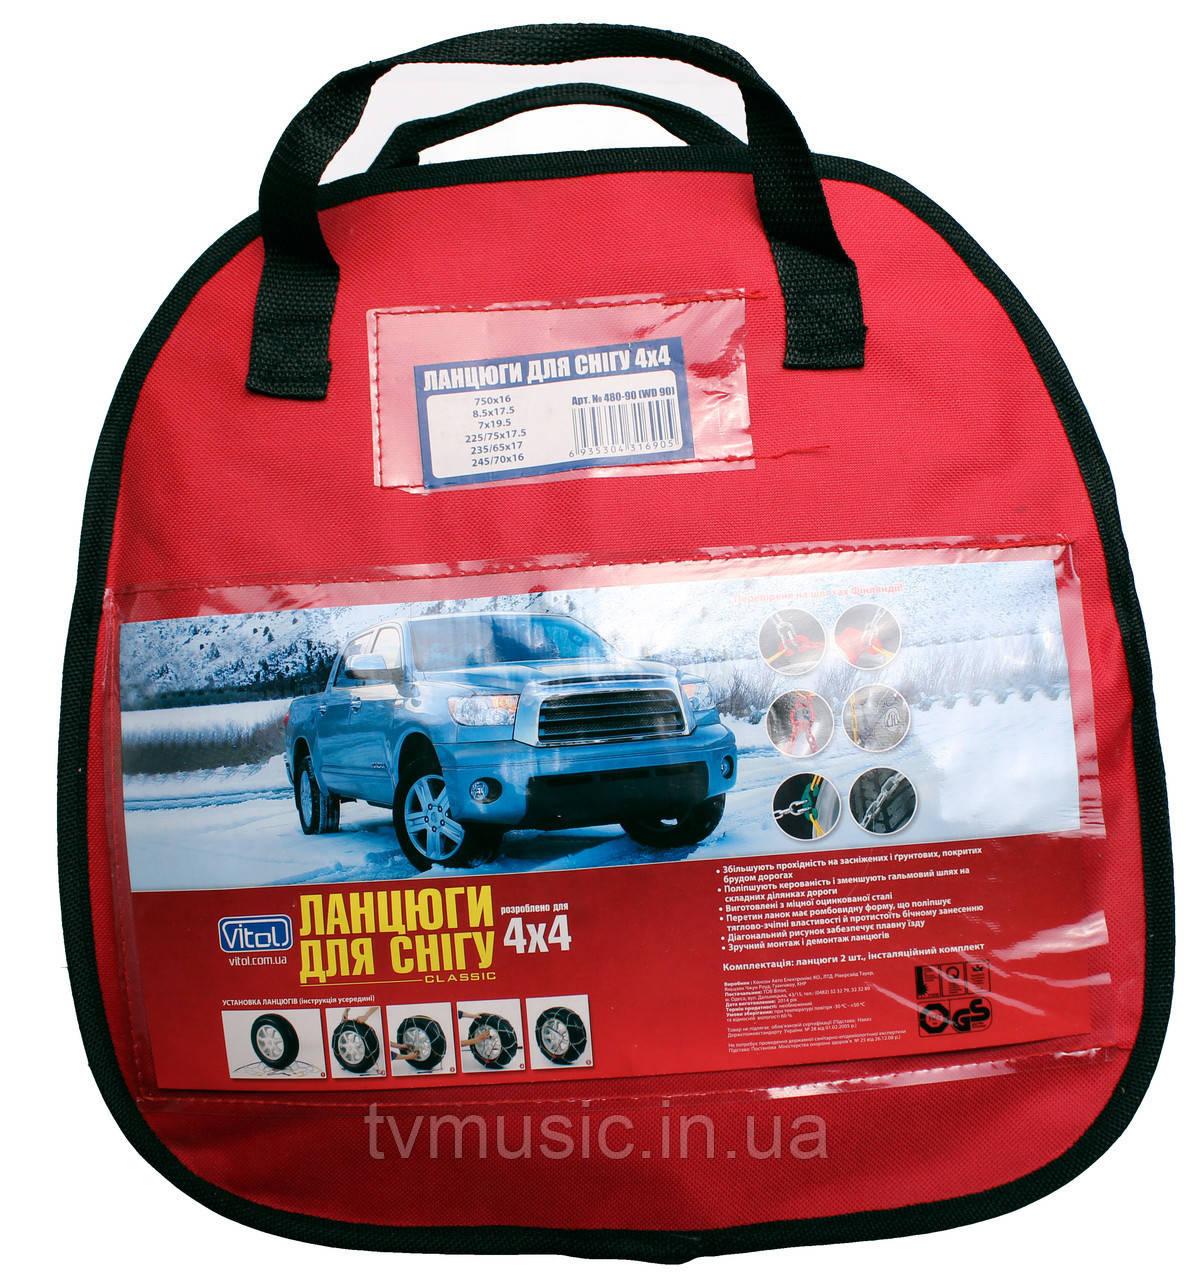 Цепи на колеса Vitol 4WD КВ410 (16 мм)